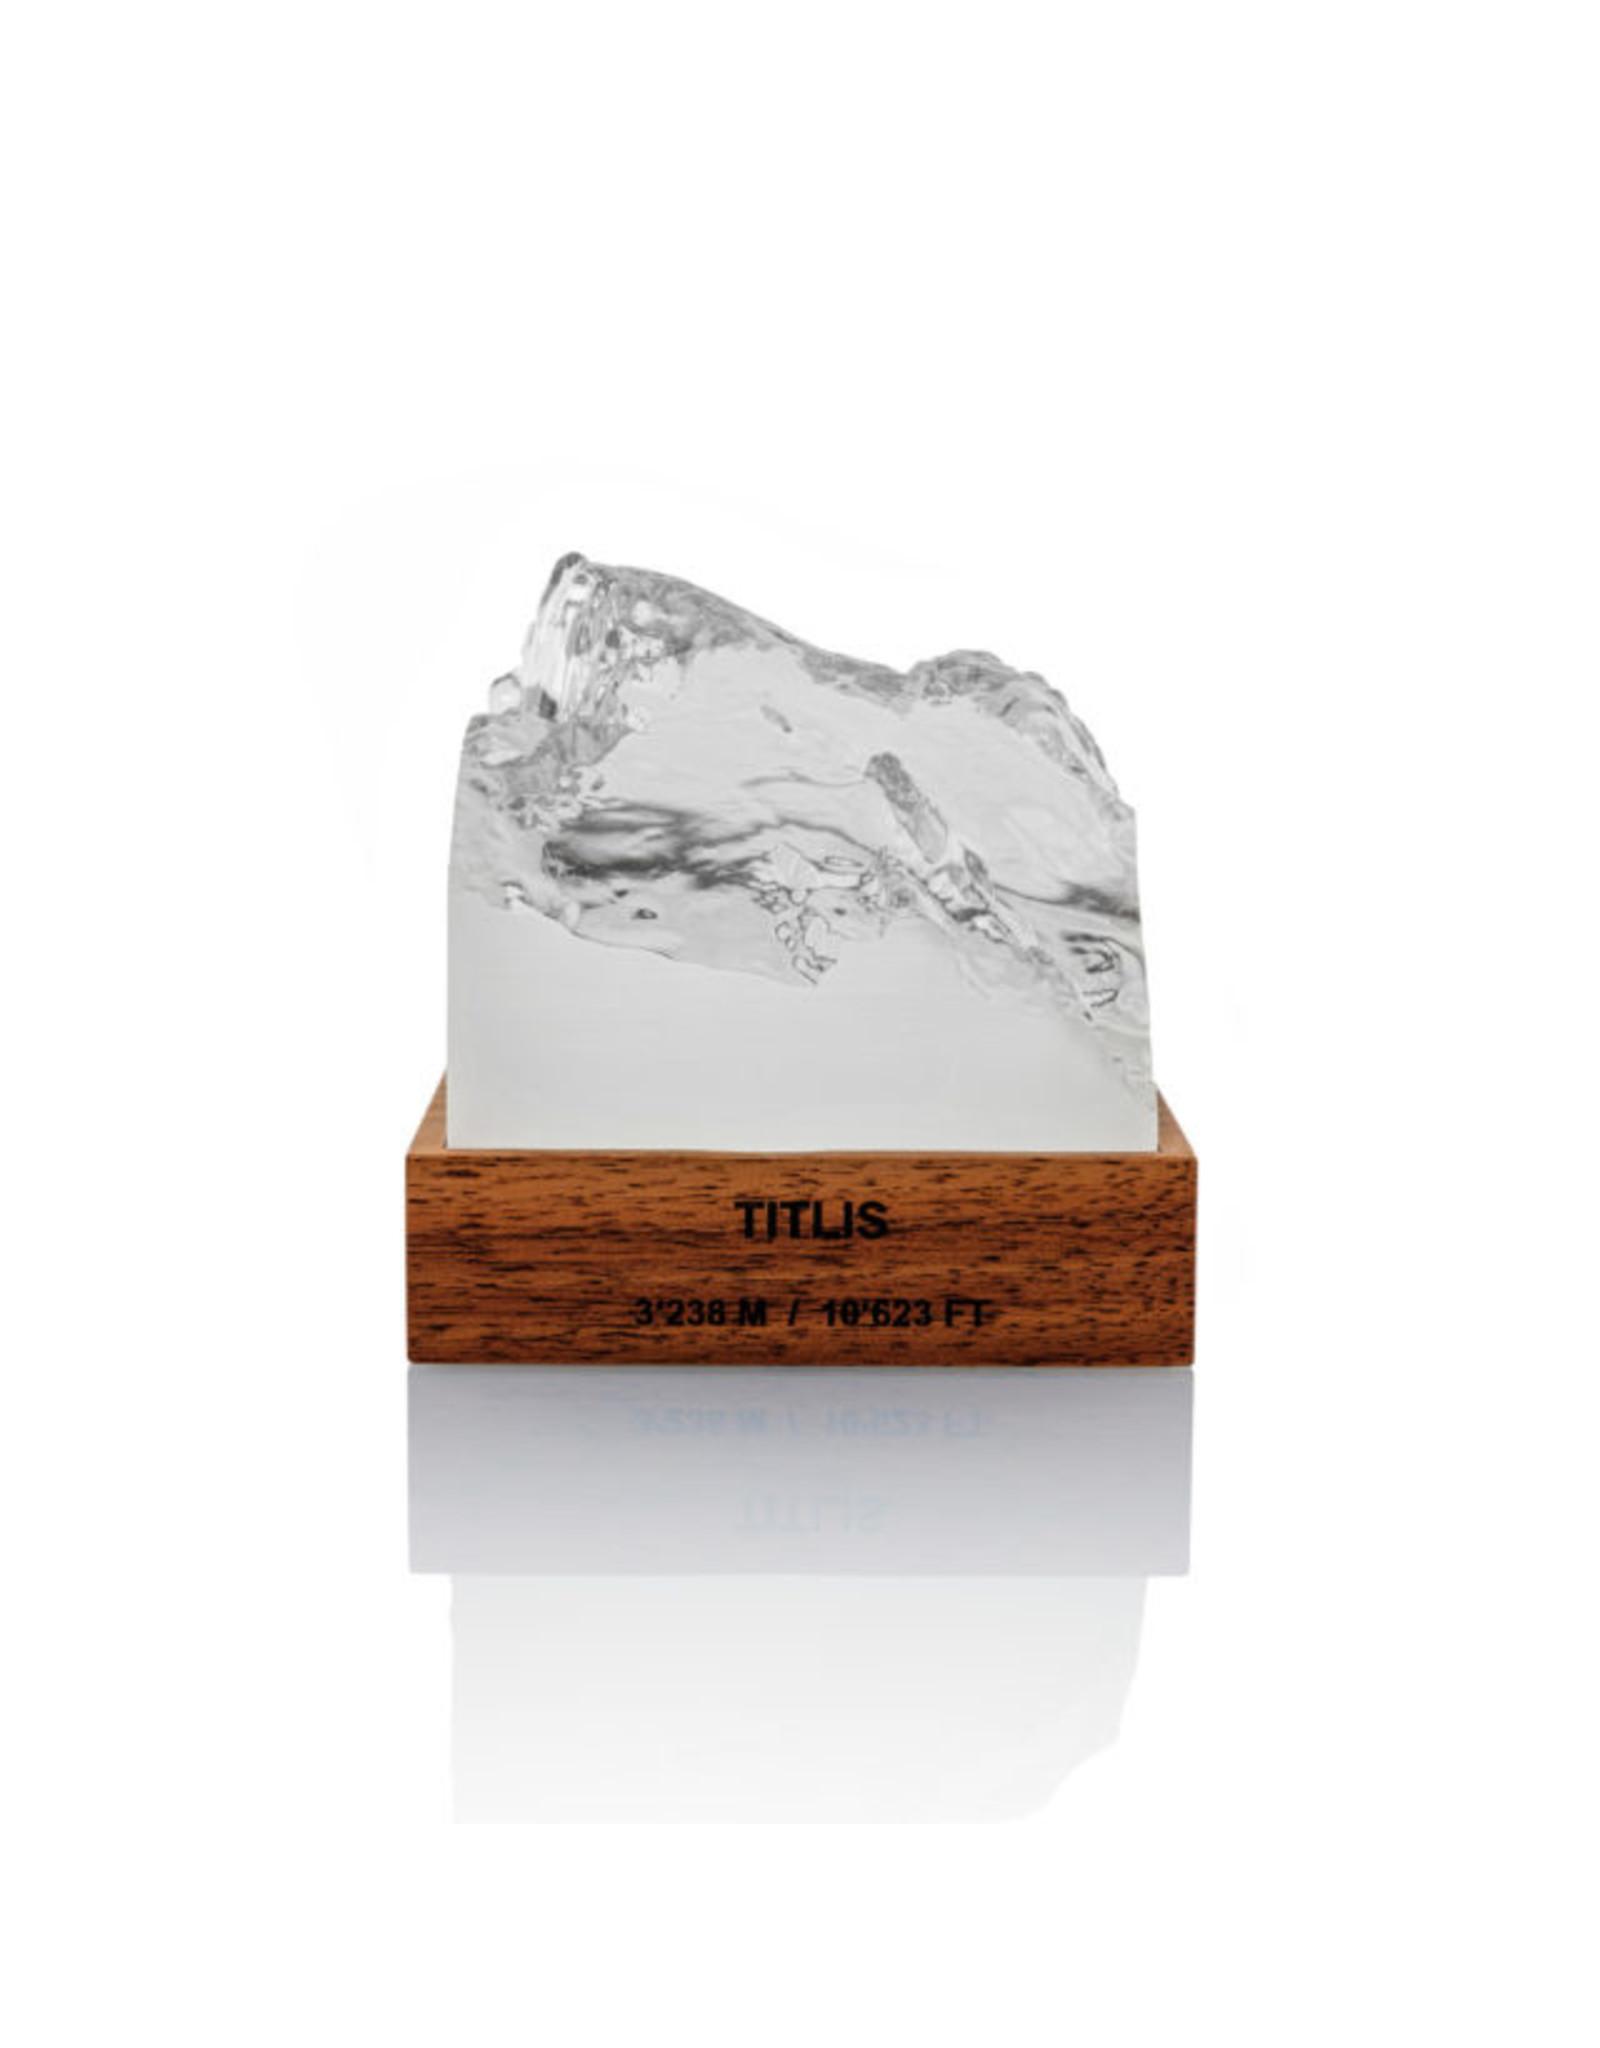 My Little Mountain Bergmodell Titlis Nussbaum/Kunstharz